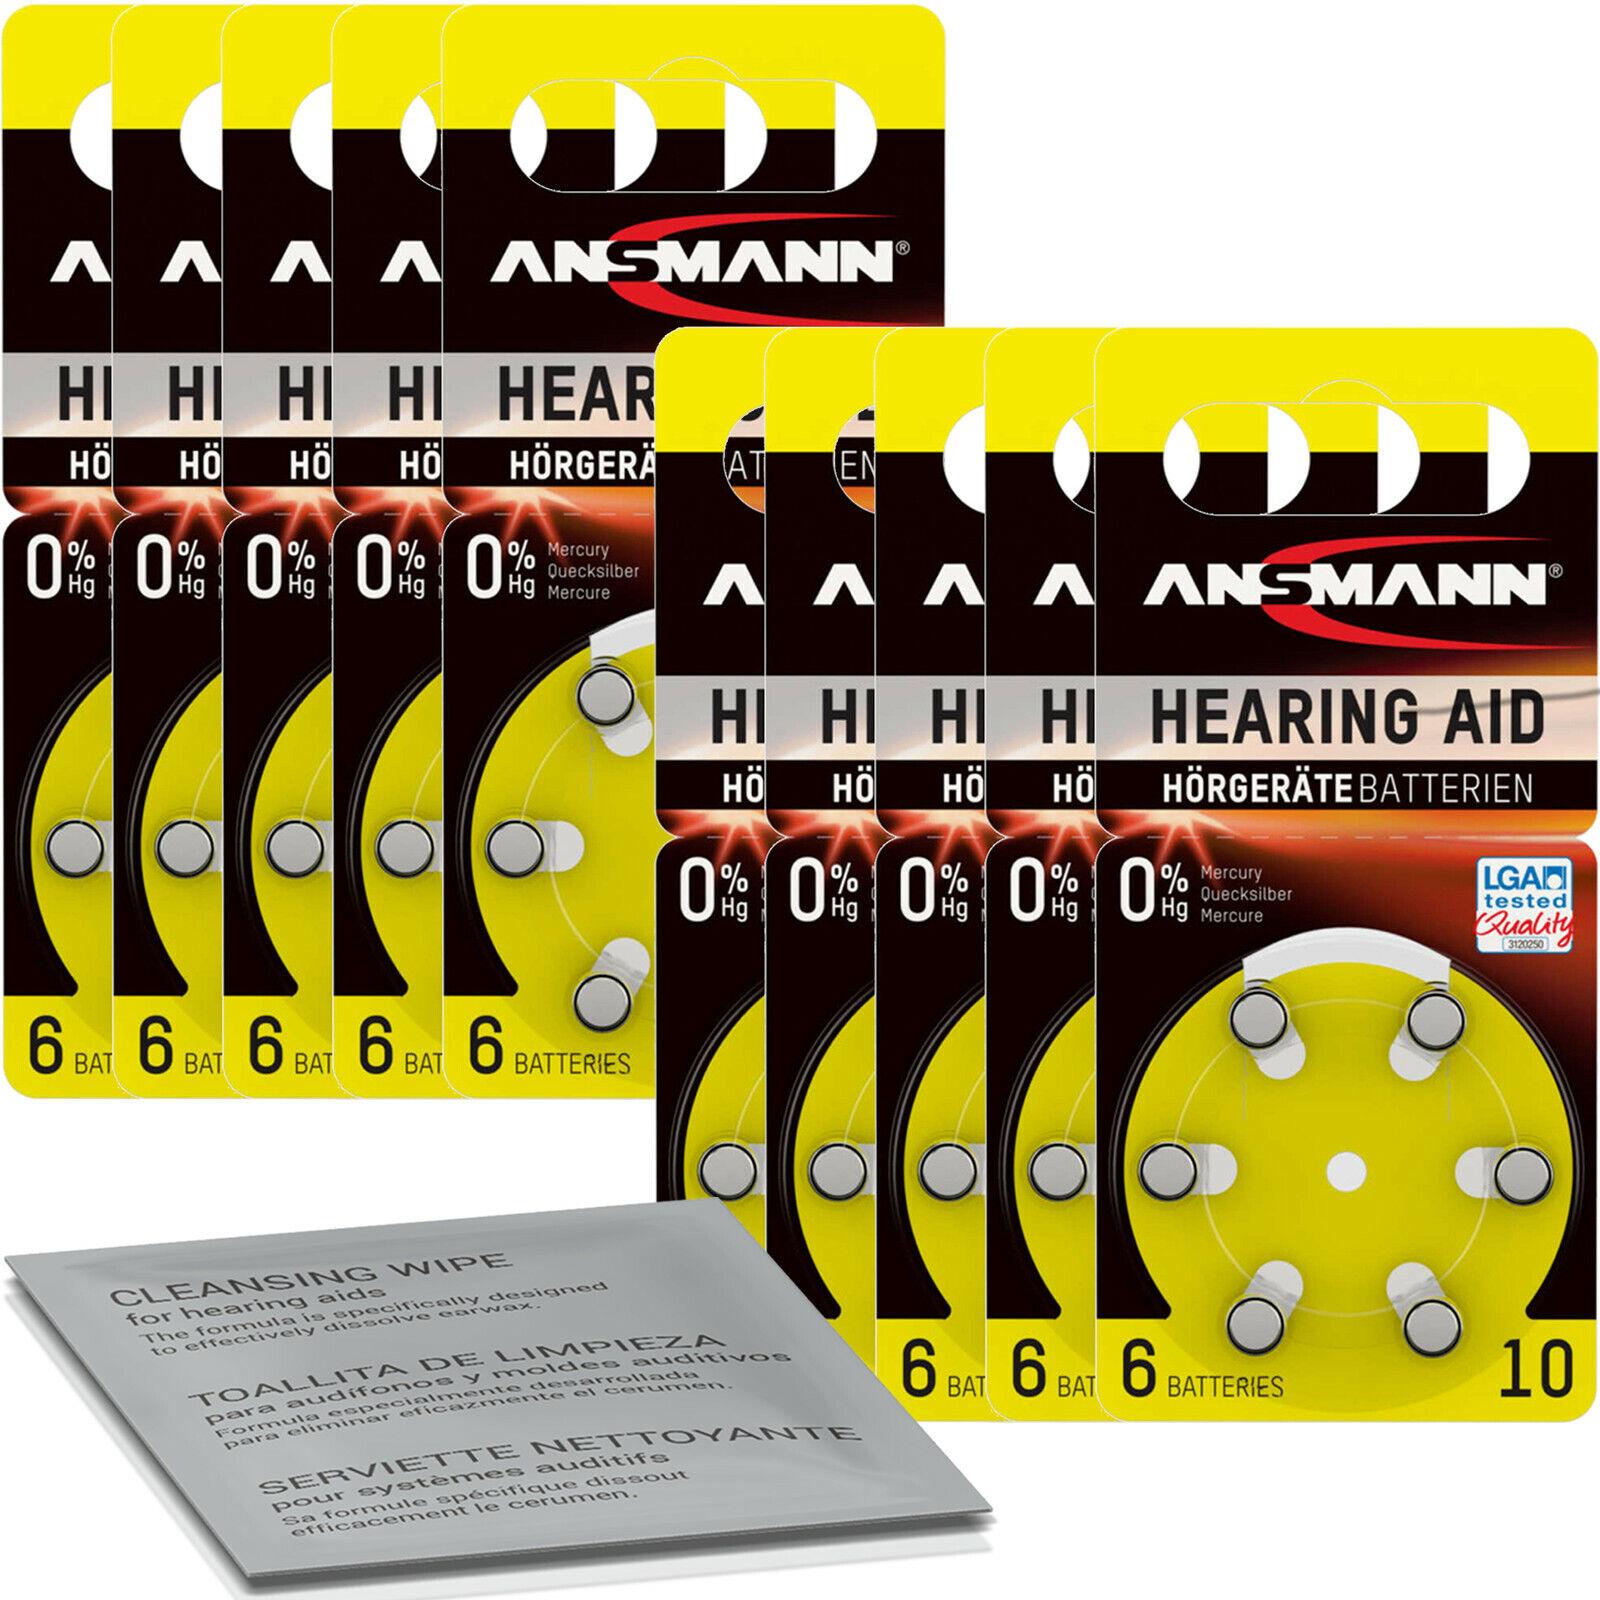 60x Ansmann Batteries Yellow PR70 10 (10x 6er Blister) + Cleaning Cloth